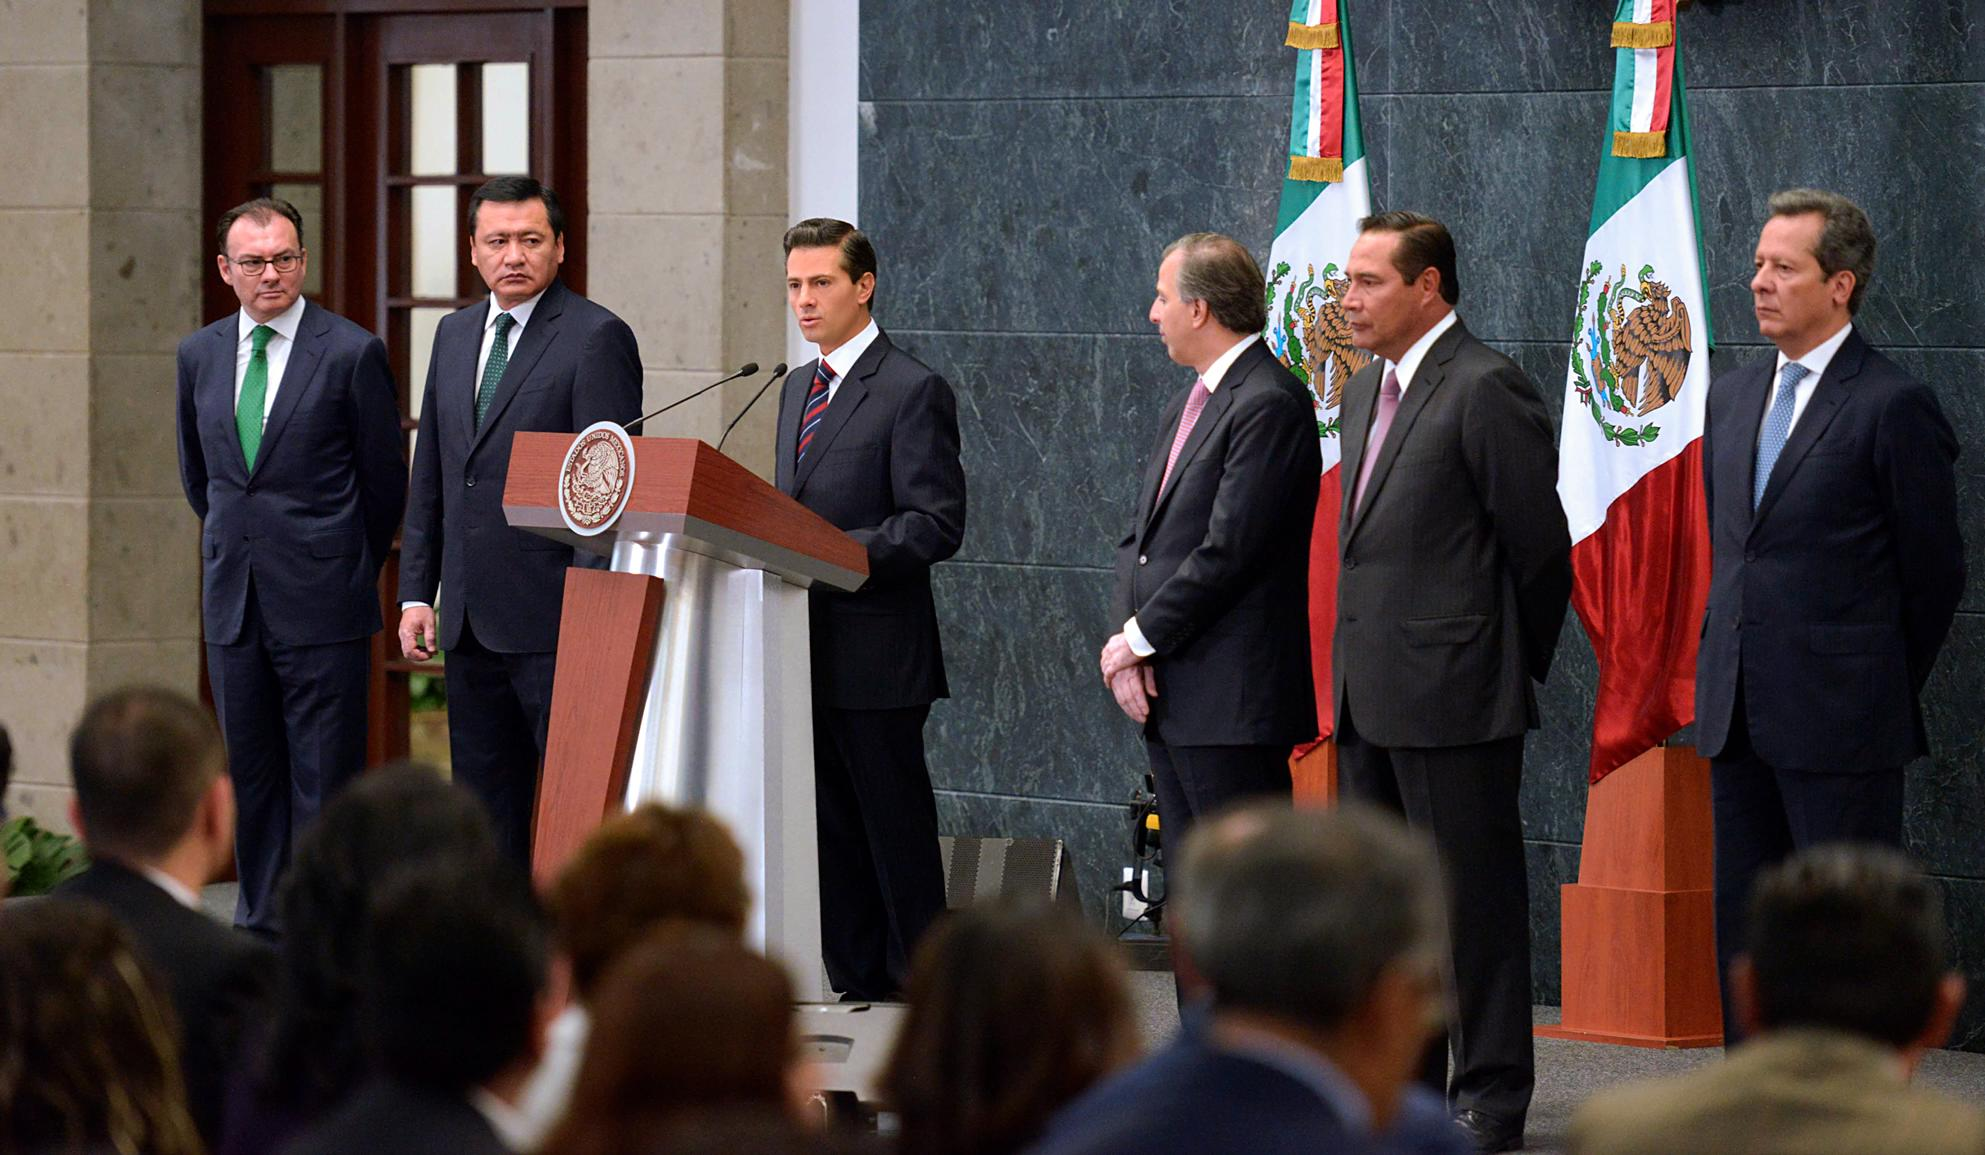 El Primer Mandatario expresó su reconocimiento a la labor y los resultados de Luis Videgaray al frente de la SHCP.